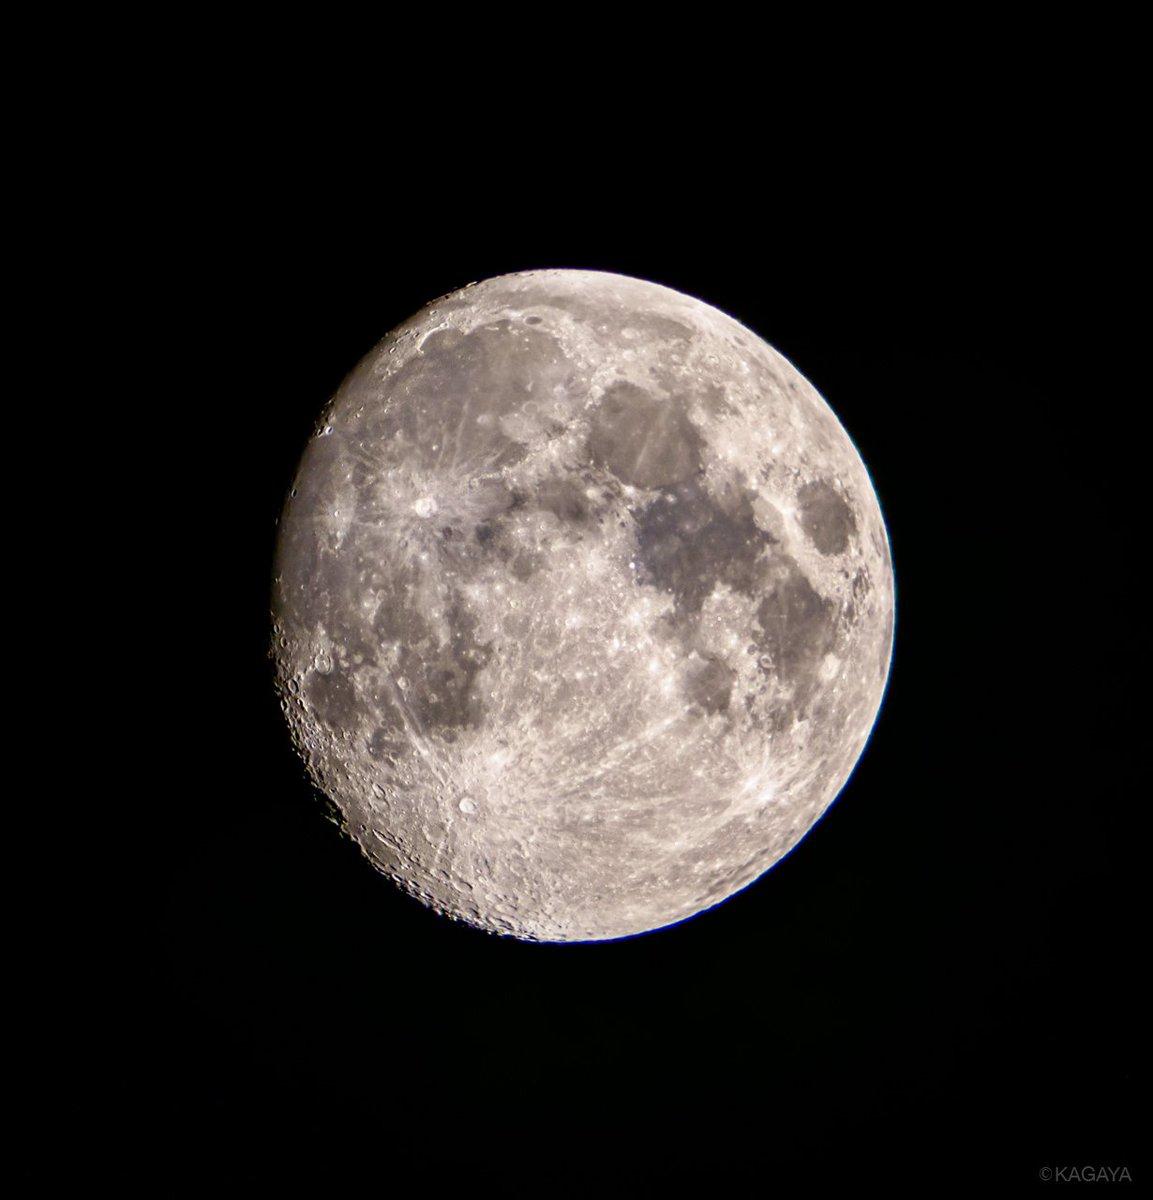 空をご覧ください。 南に十二夜月が輝いています。 月の右手の明るい星は木星です。 (写真は先ほど望遠鏡を使って撮ったものです) 今日もお疲れさまでした。明日もおだやかな一日になりますように。